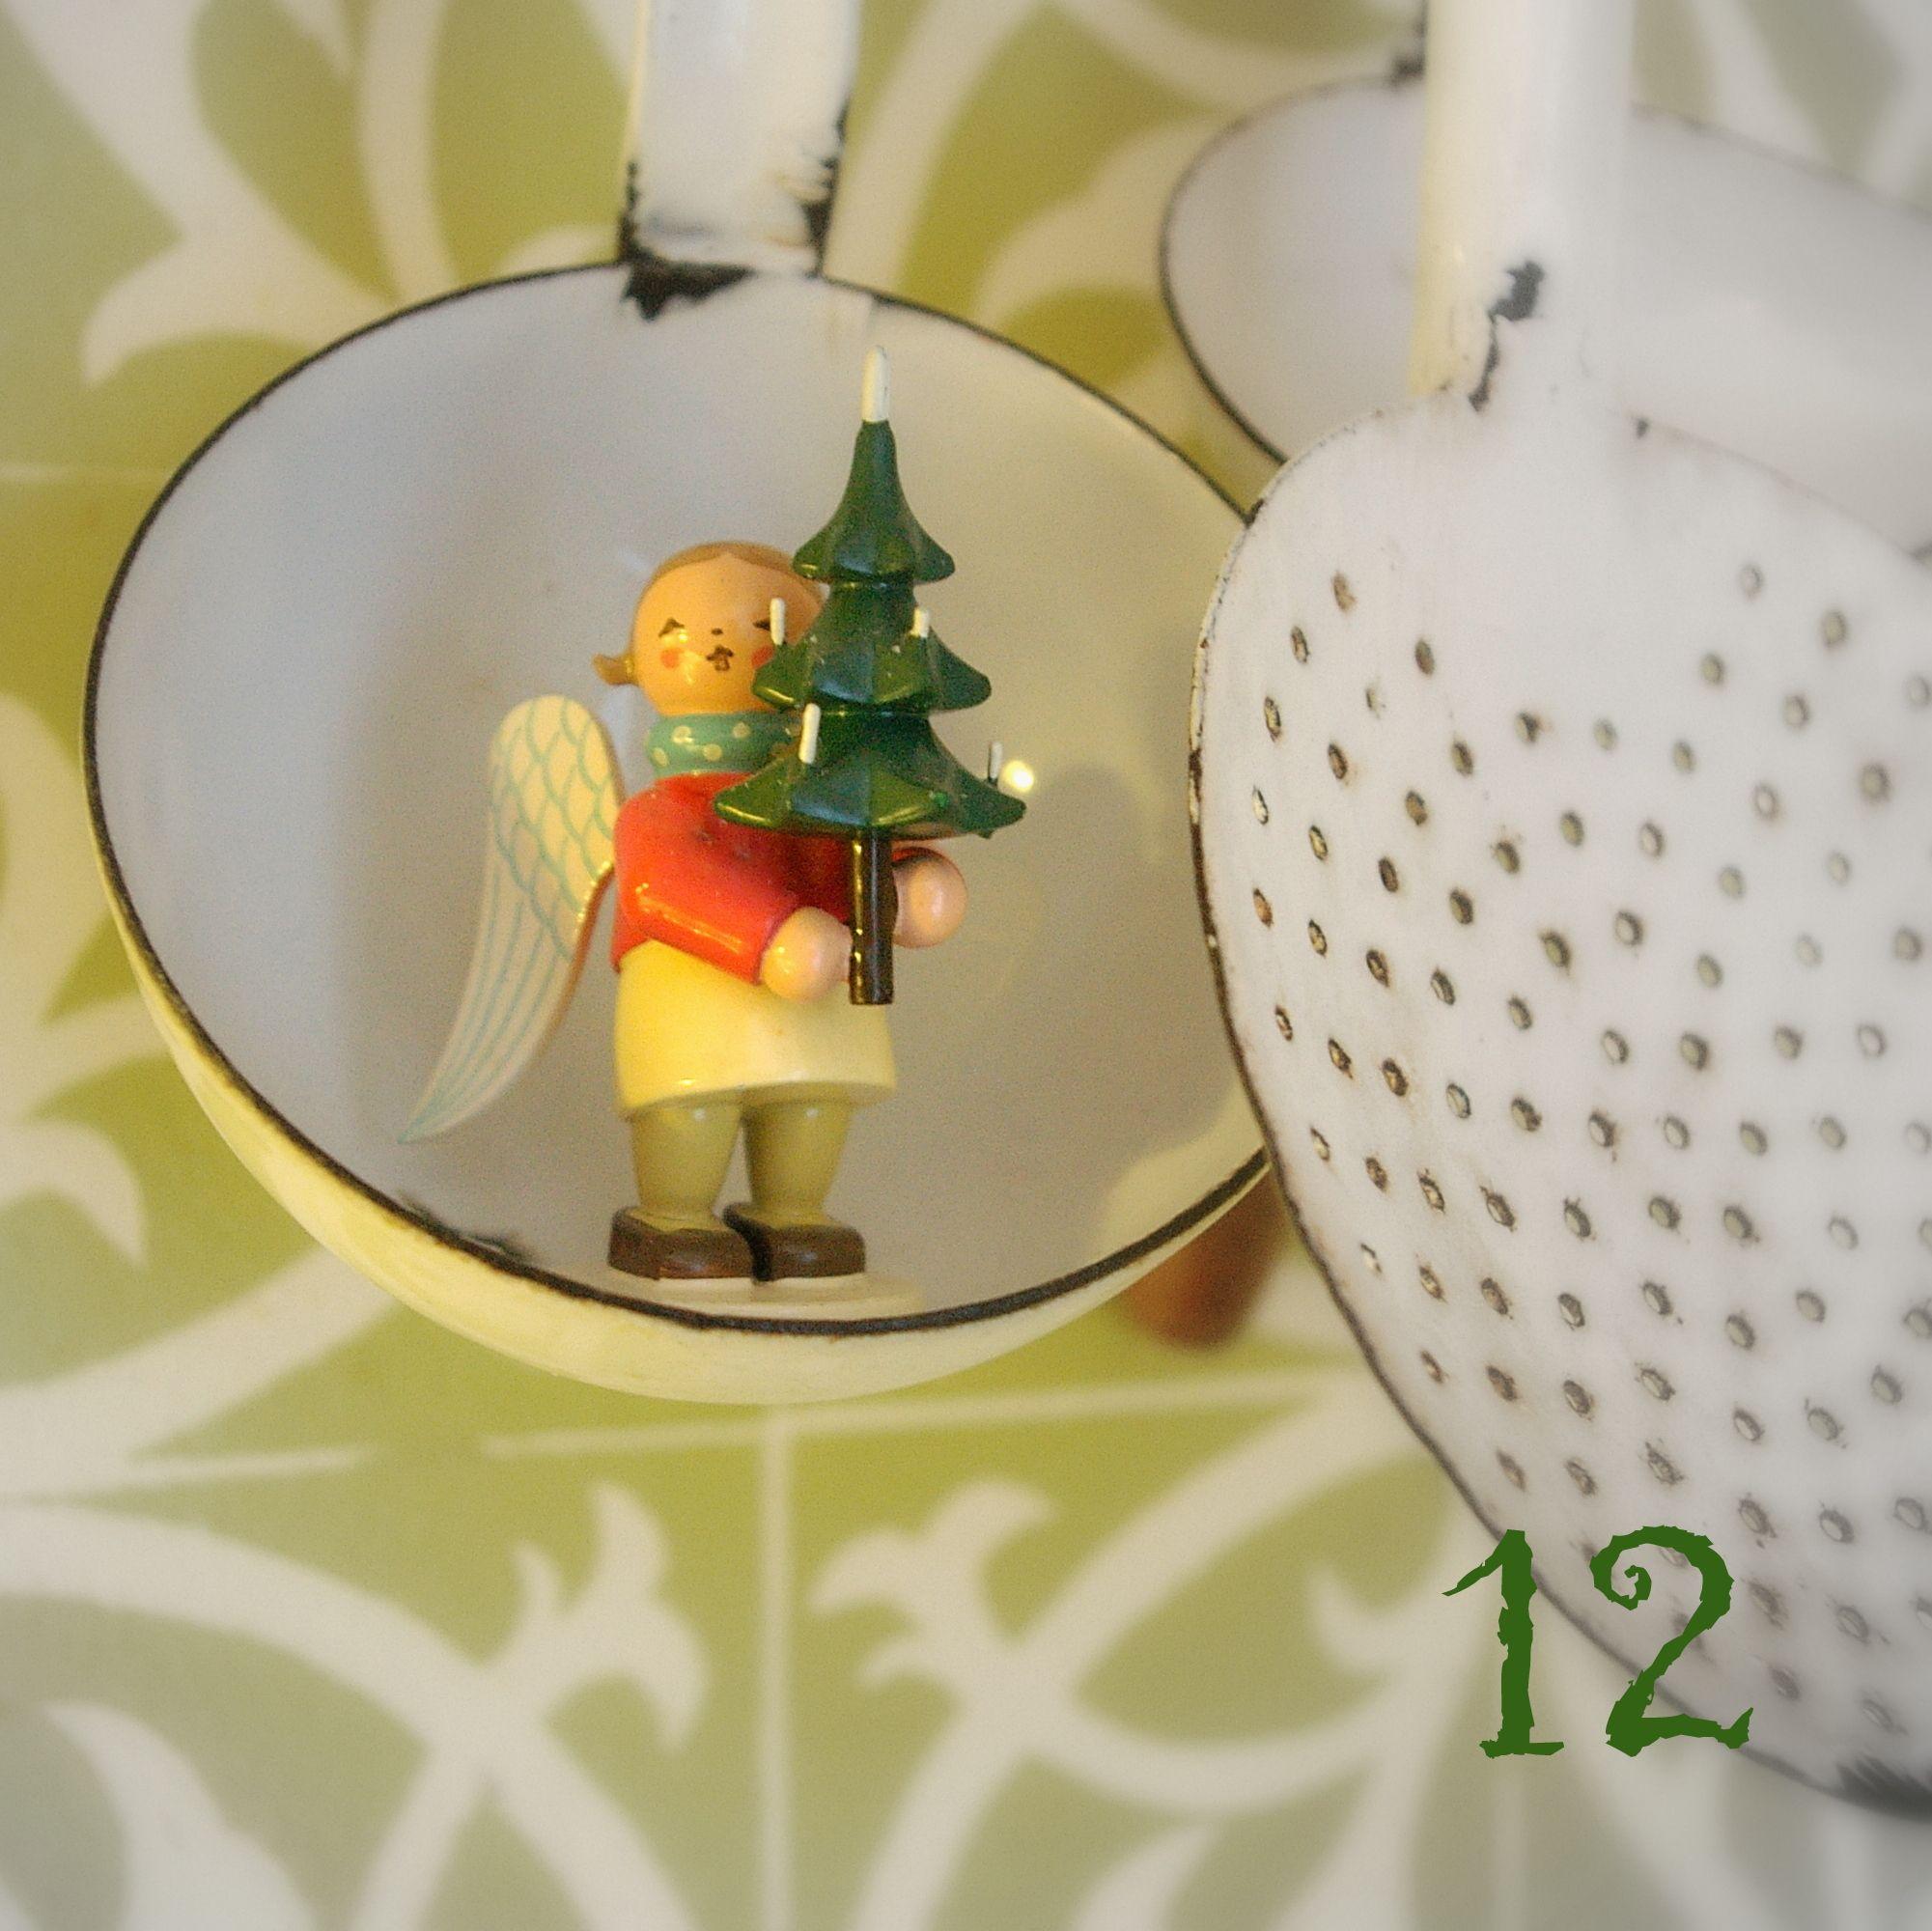 12 t rchen wendt und k hn geschenkeengel mit baum auf suppenkelle nice pinterest. Black Bedroom Furniture Sets. Home Design Ideas